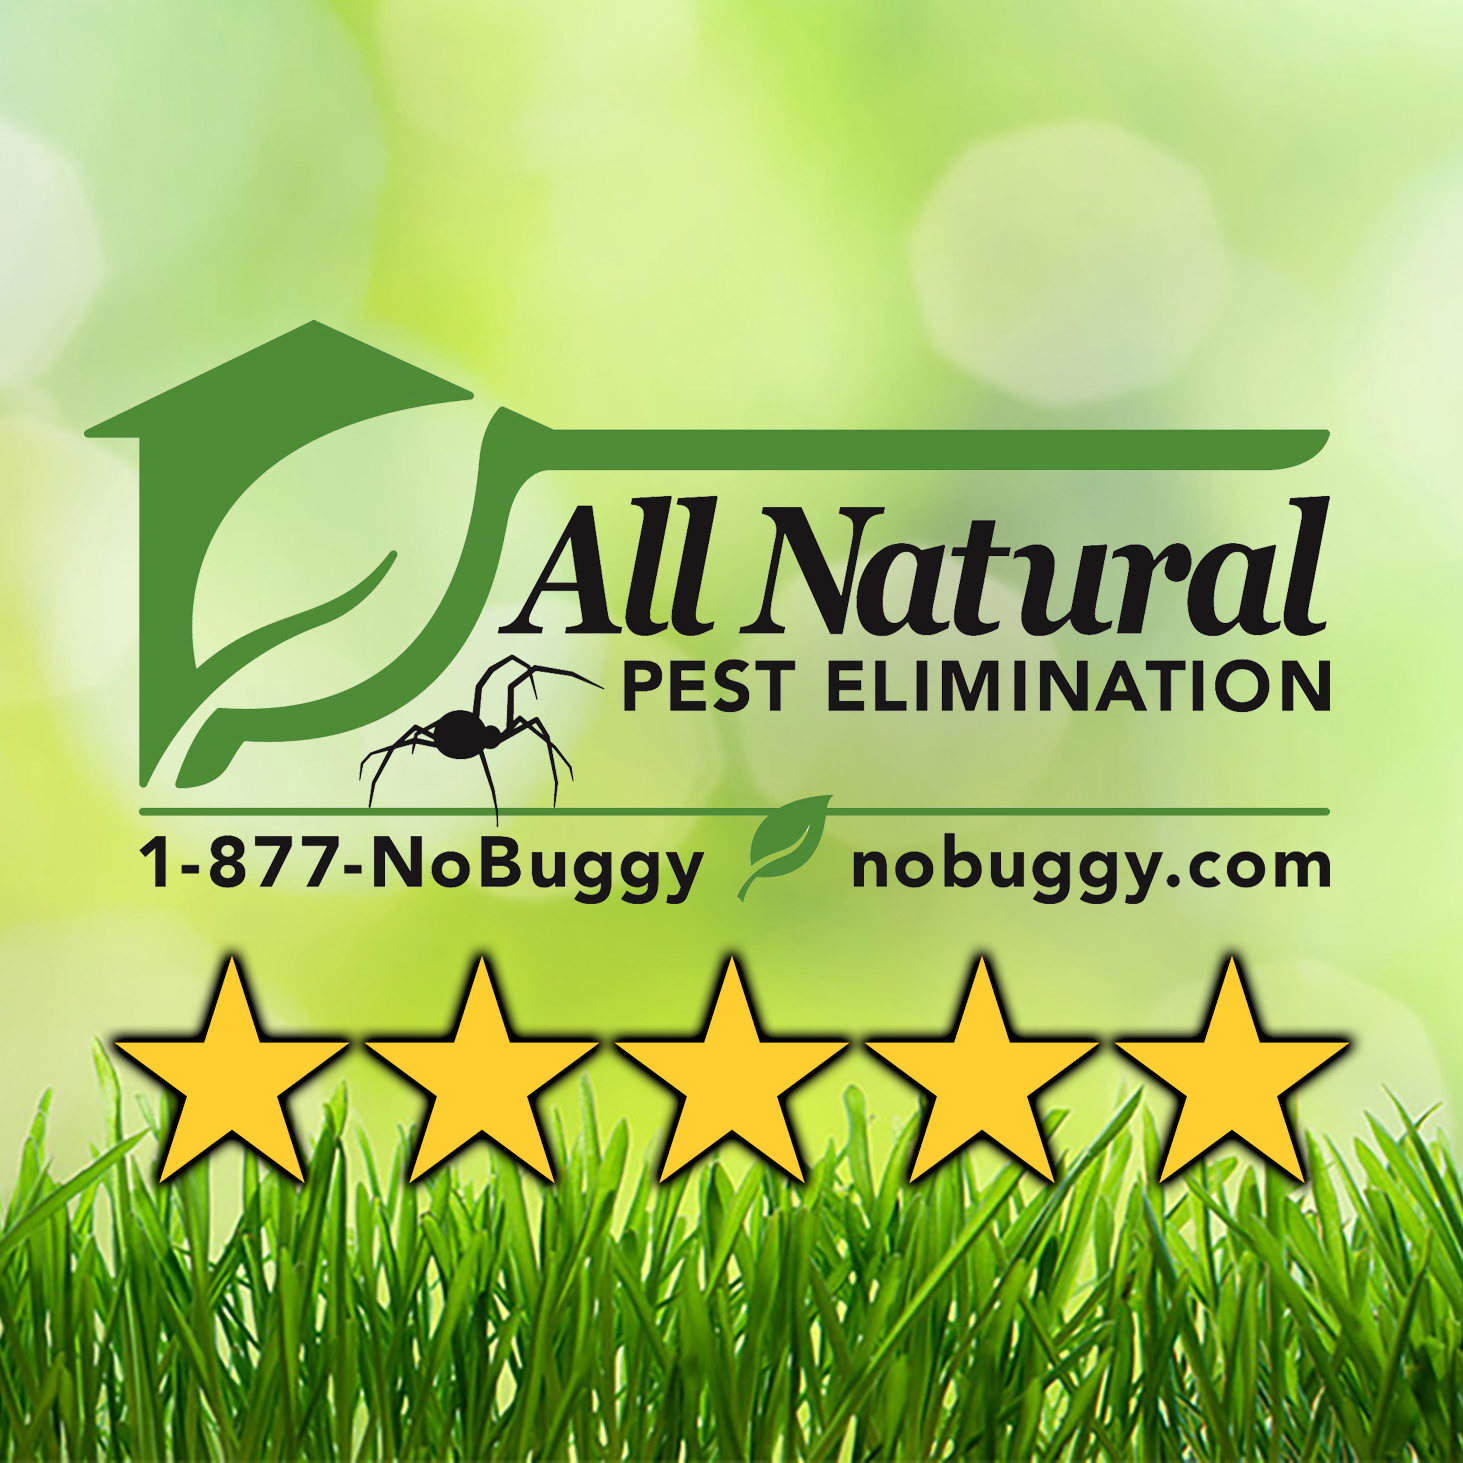 All Natural Pest Elimination Medford Oregon Or